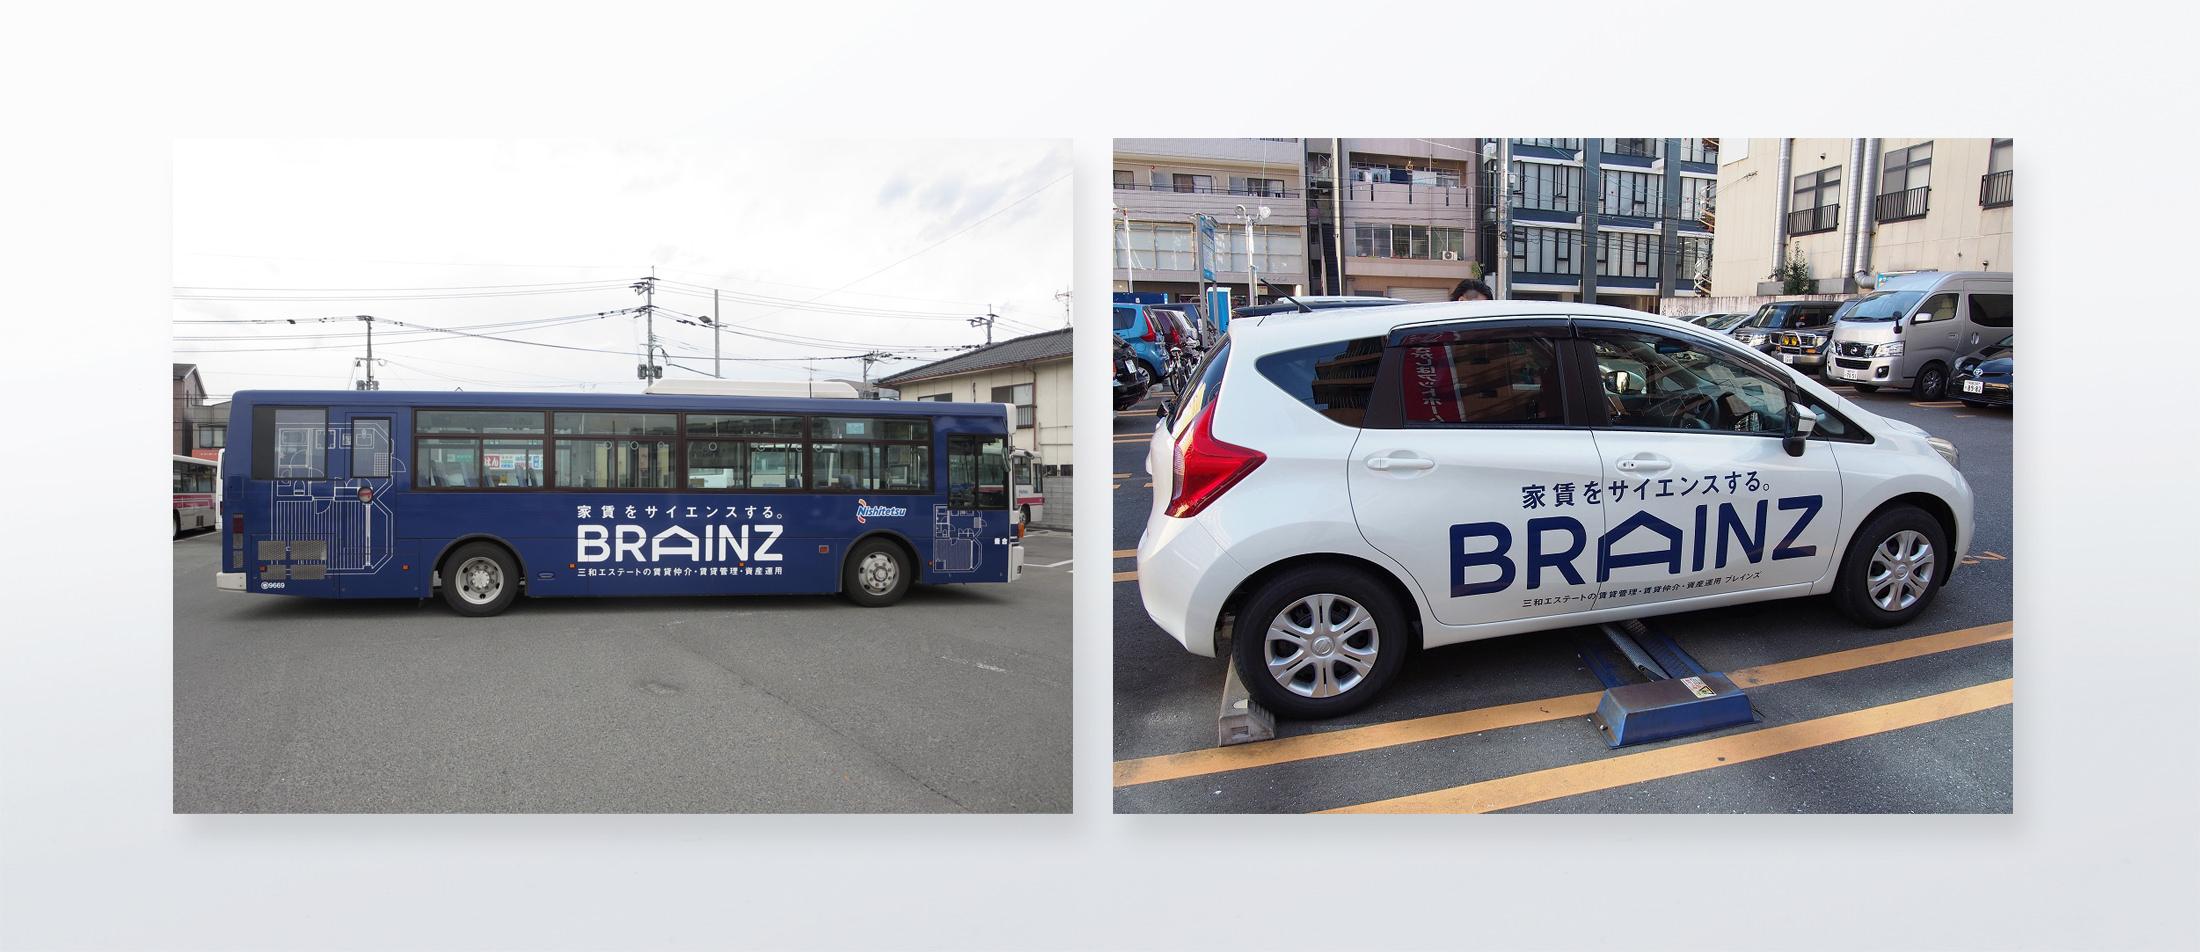 ラッピングバス広告・社用車